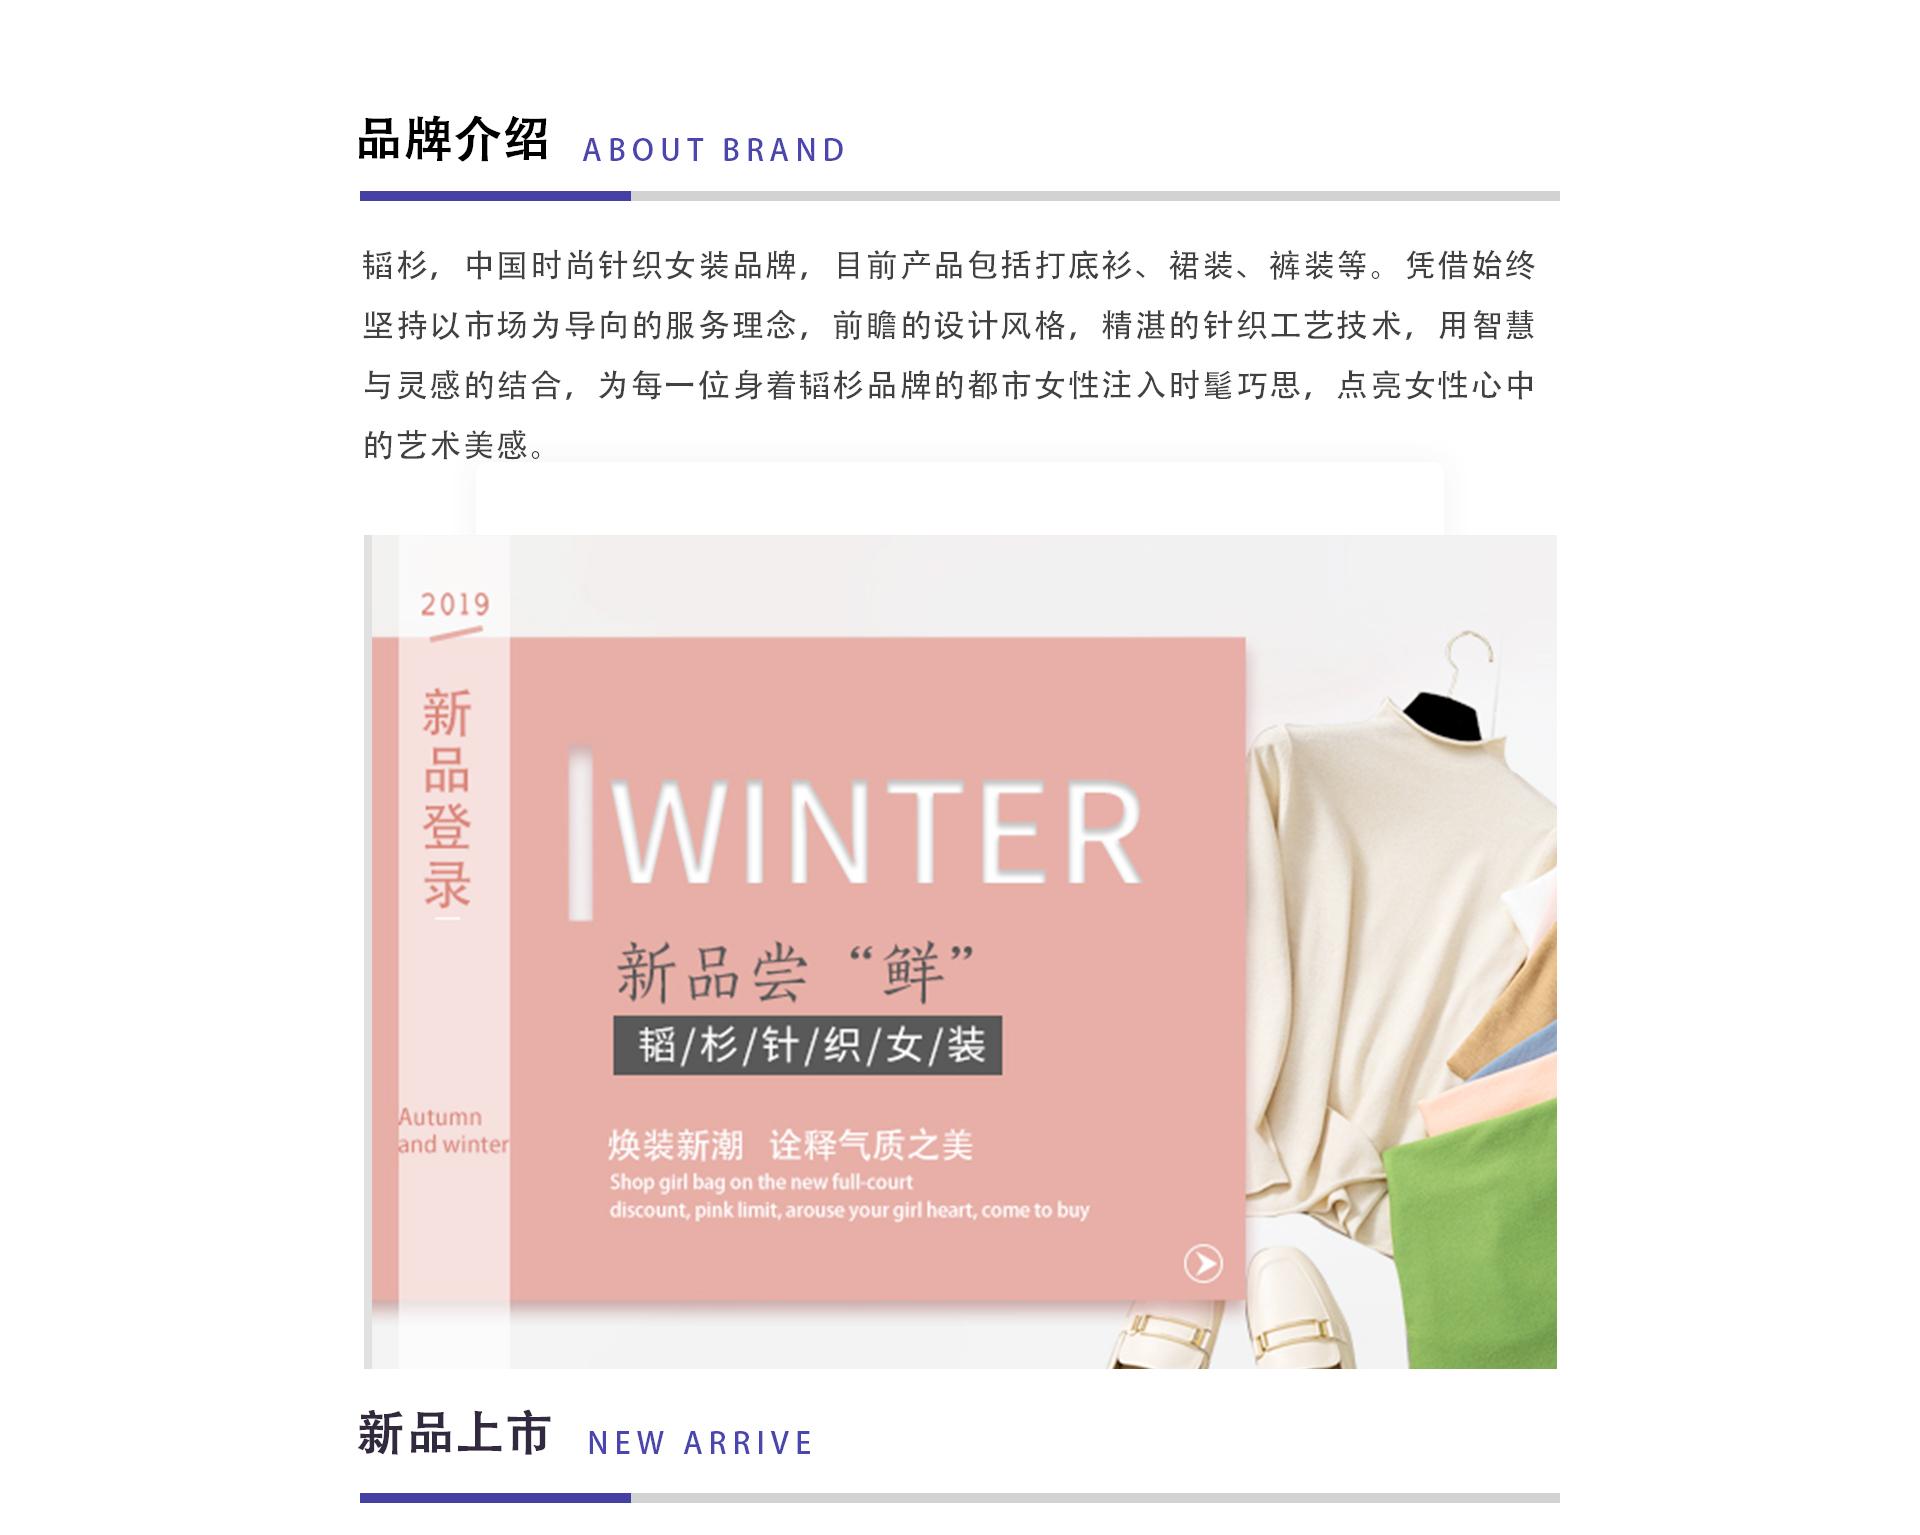 韬杉秋冬系列品牌介绍